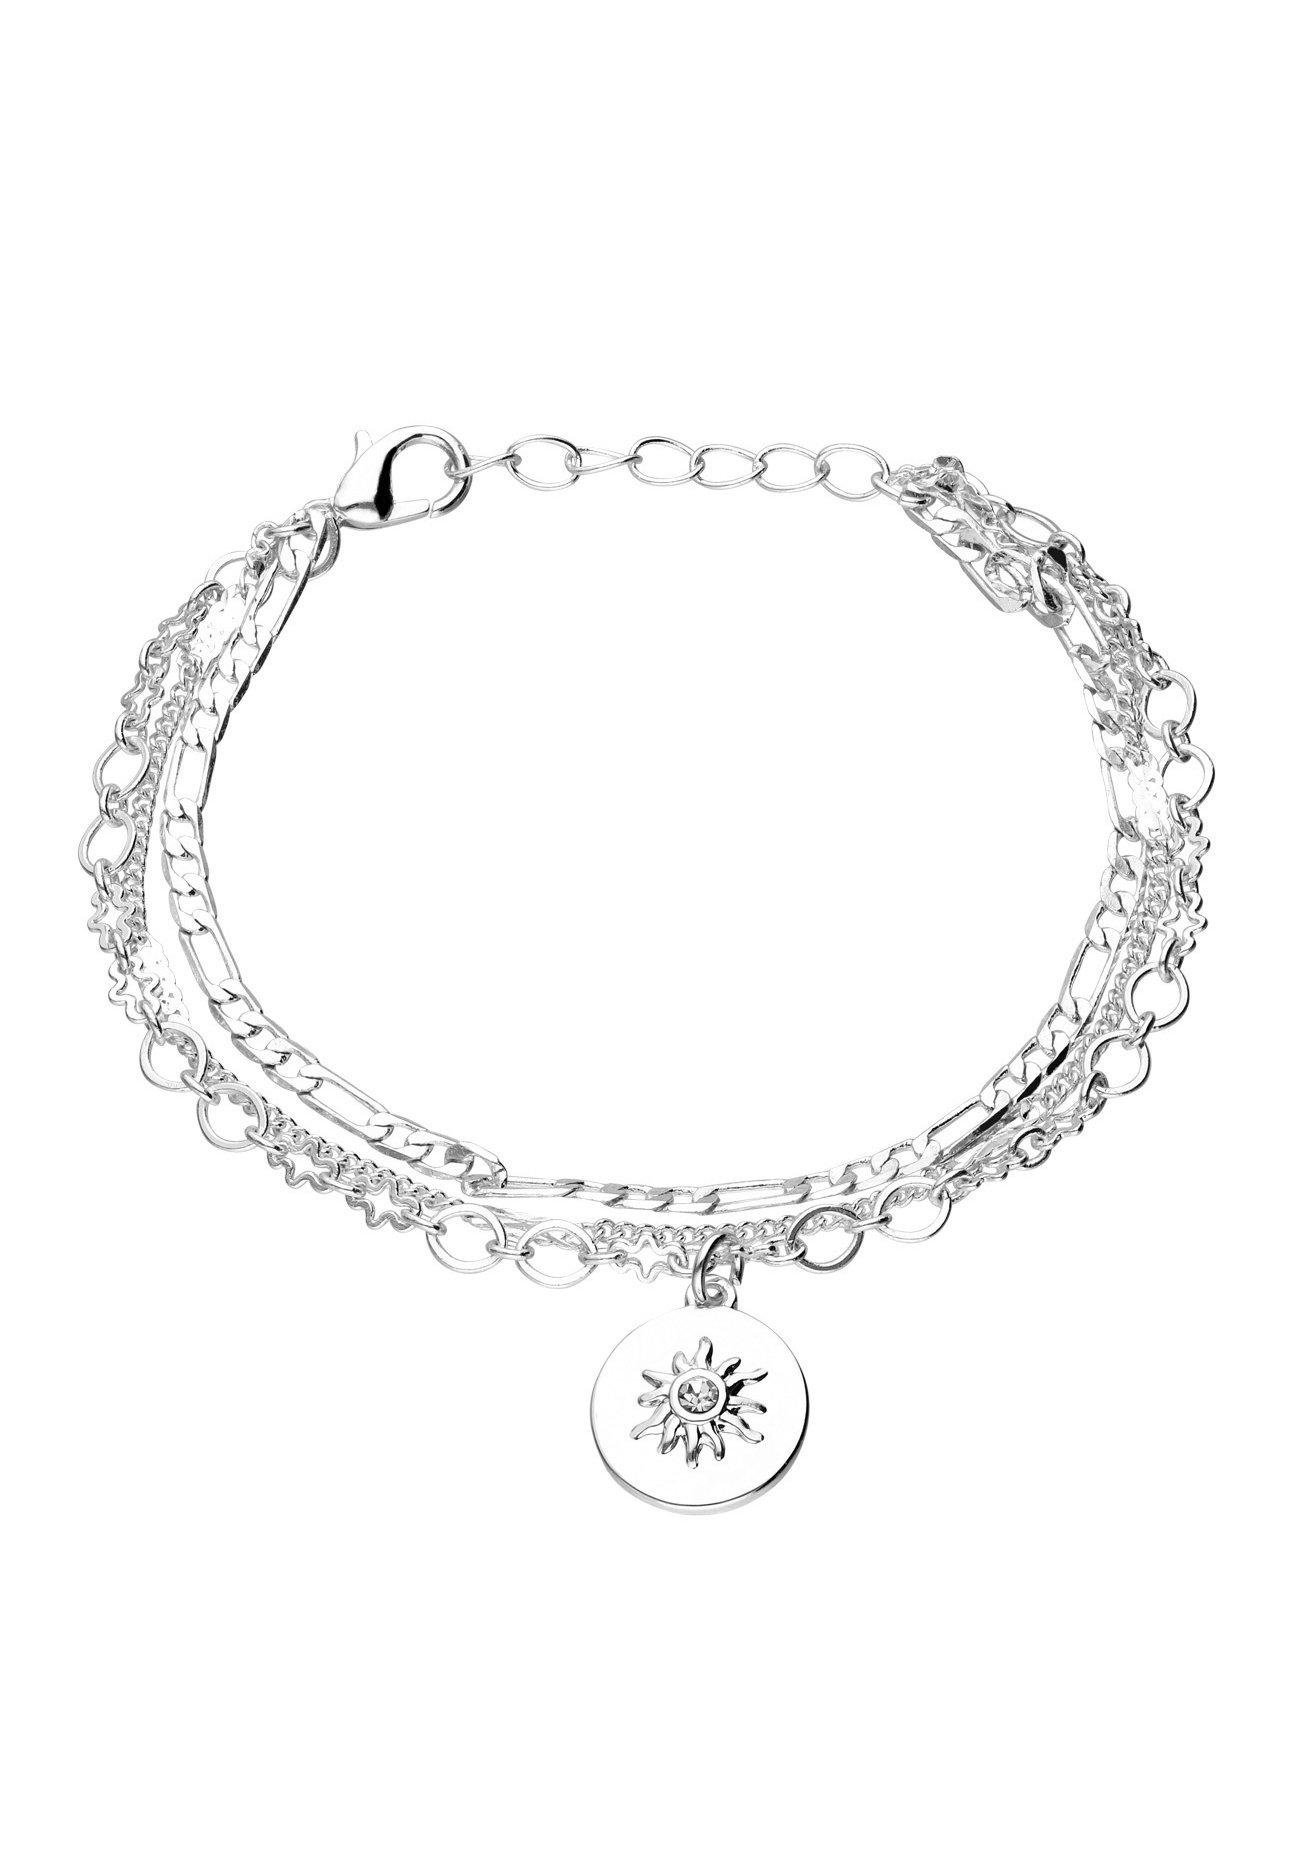 Damen MIT SONNEN-MOTIV - Halskette